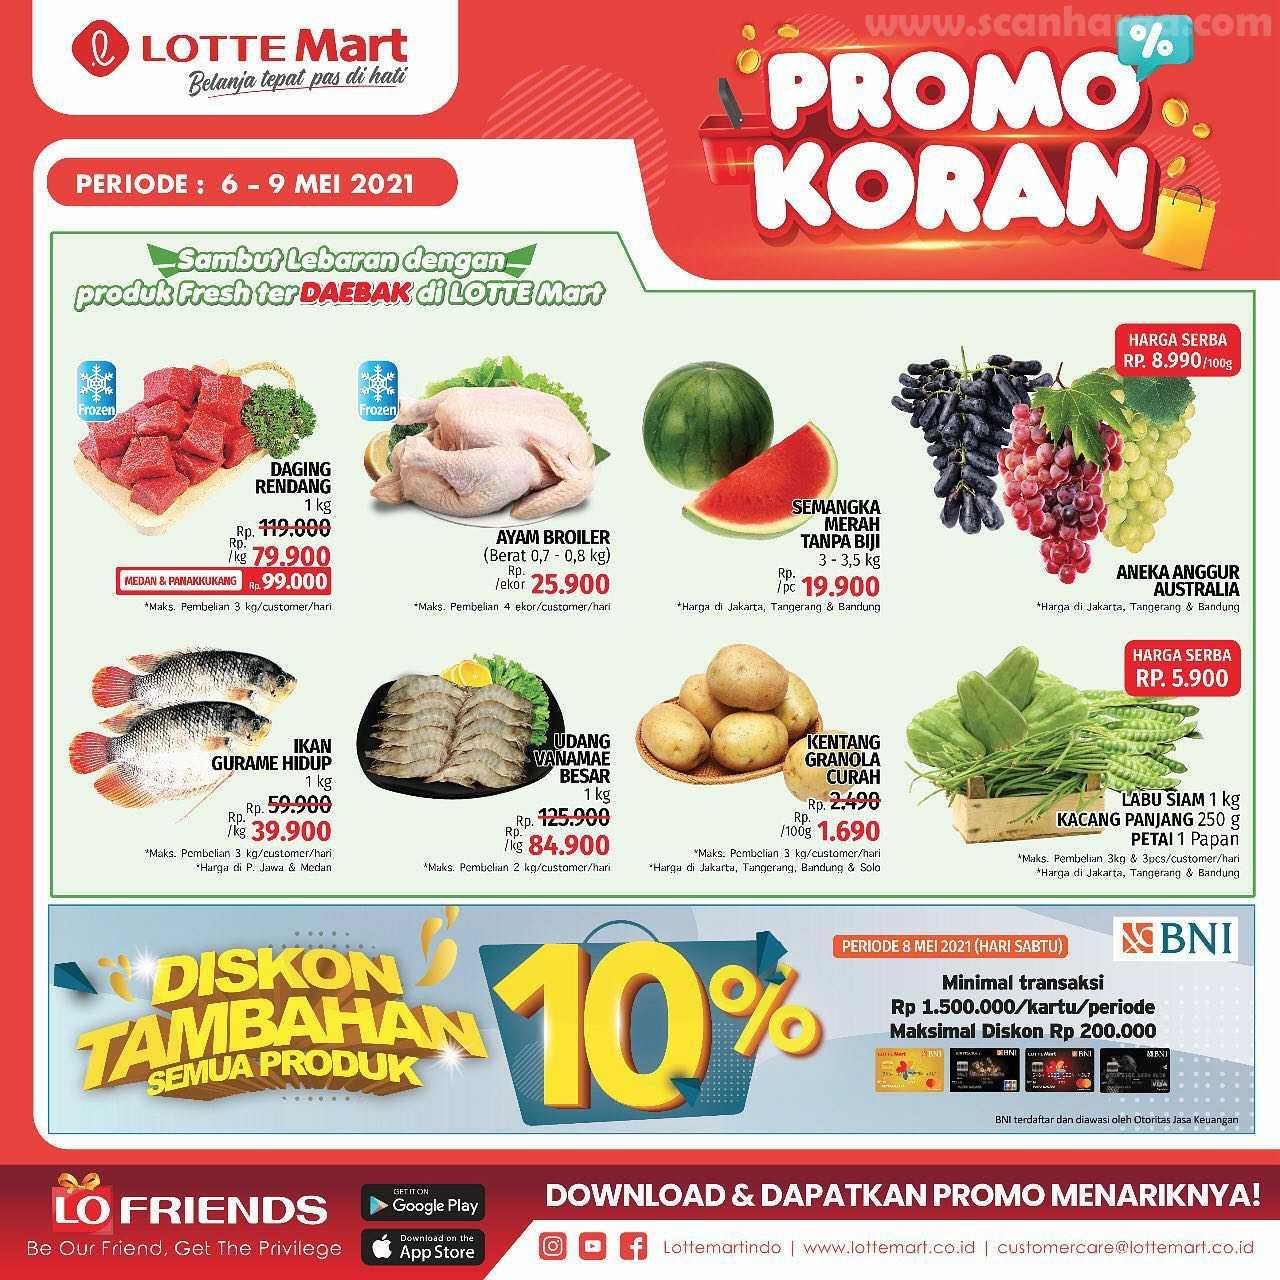 Katalog Promo Lottemart Weekend 6 - 9 Mei 2021 3